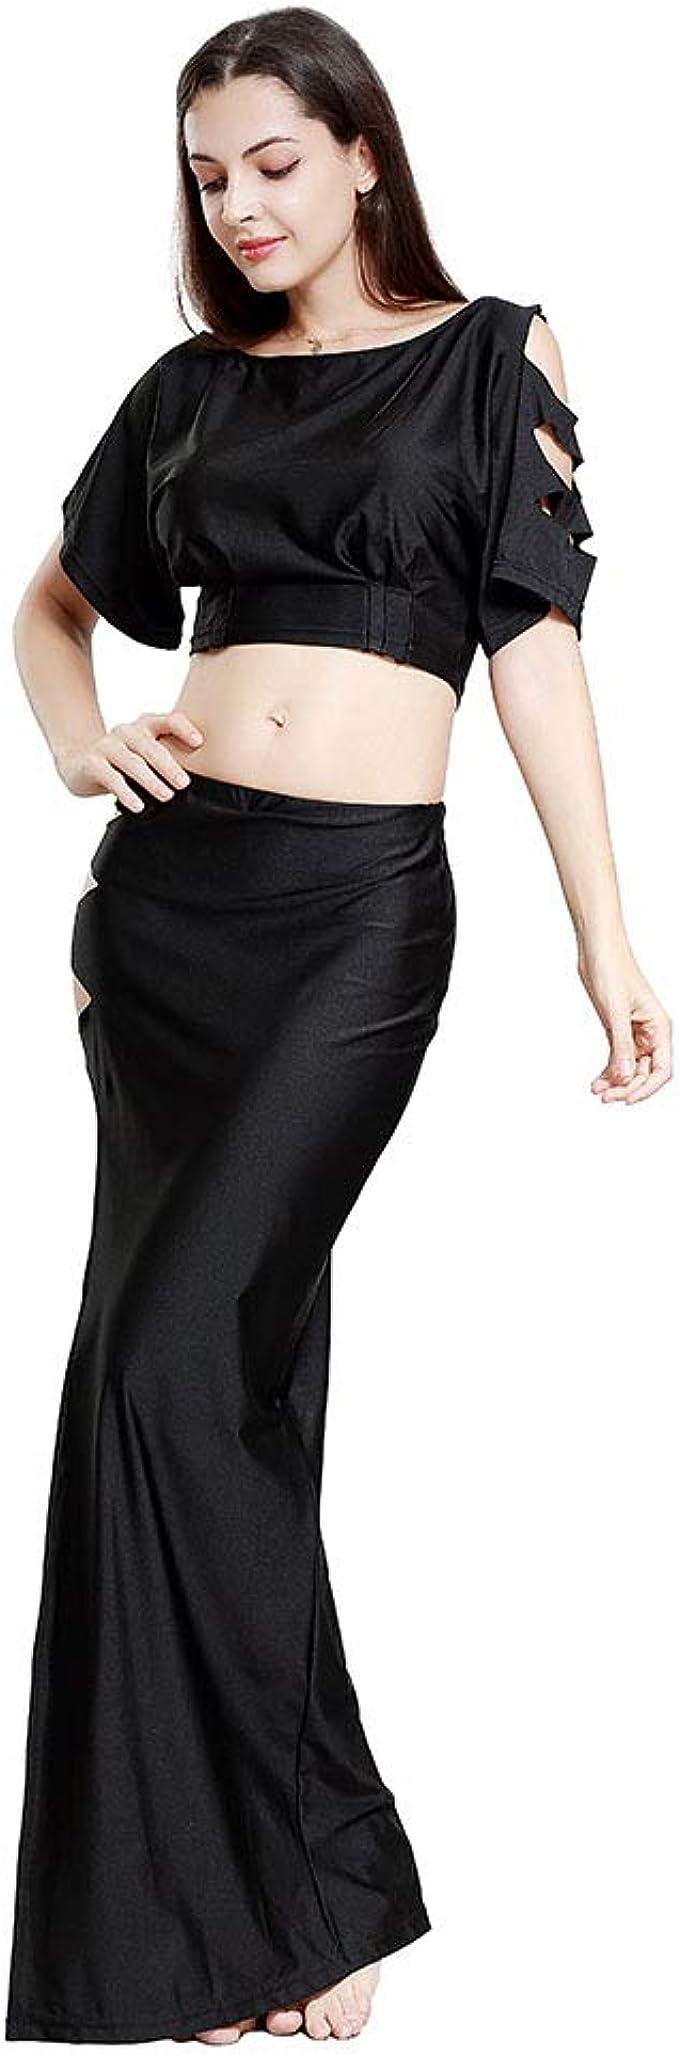 ROYAL SMEELA Falda Danza del Vientre Mujer Faldas largas Tops ...